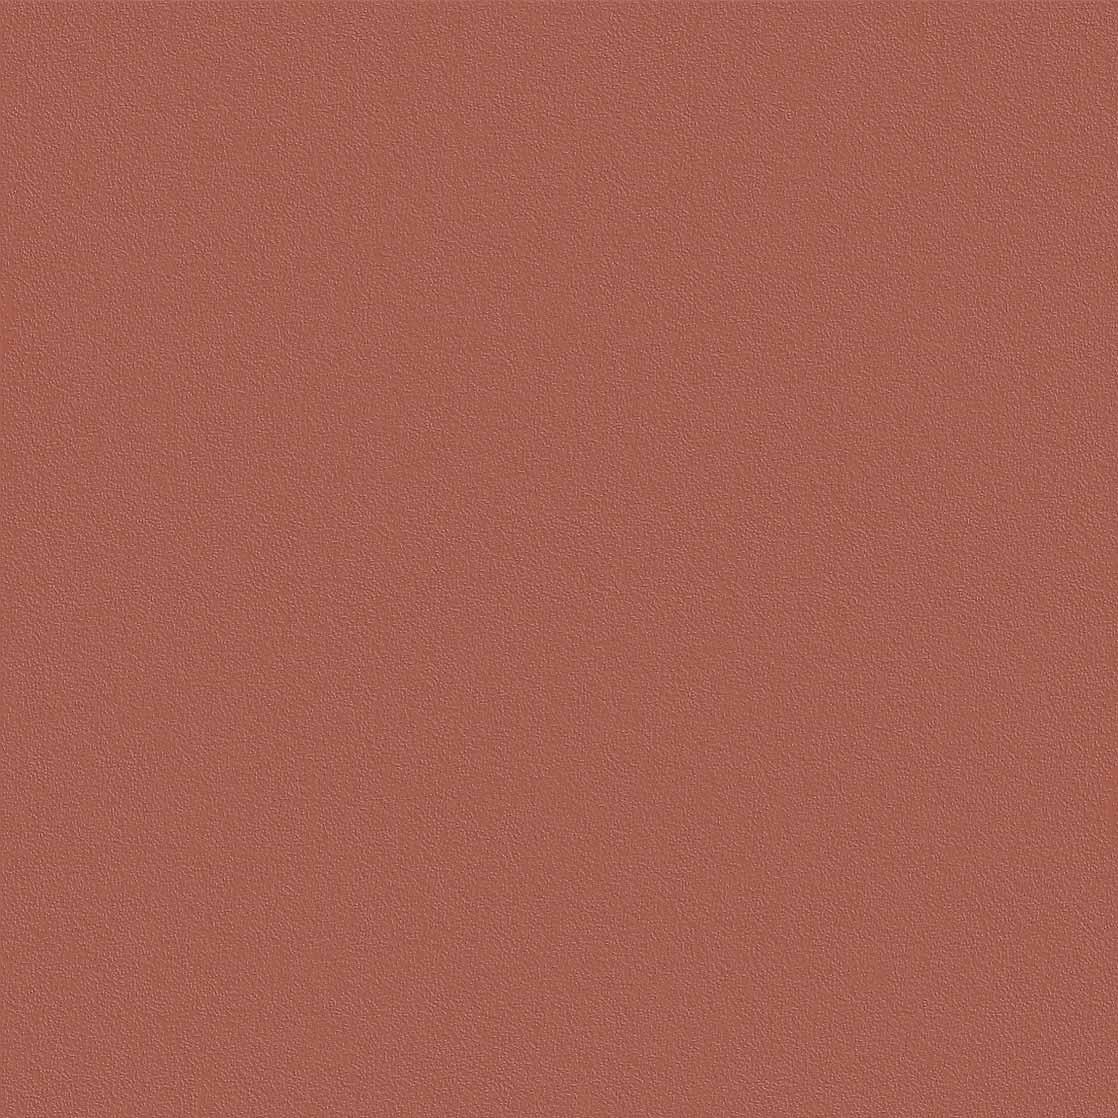 Gạch Cotto tráng men 400x400 Viglacera D401 giá rẻ